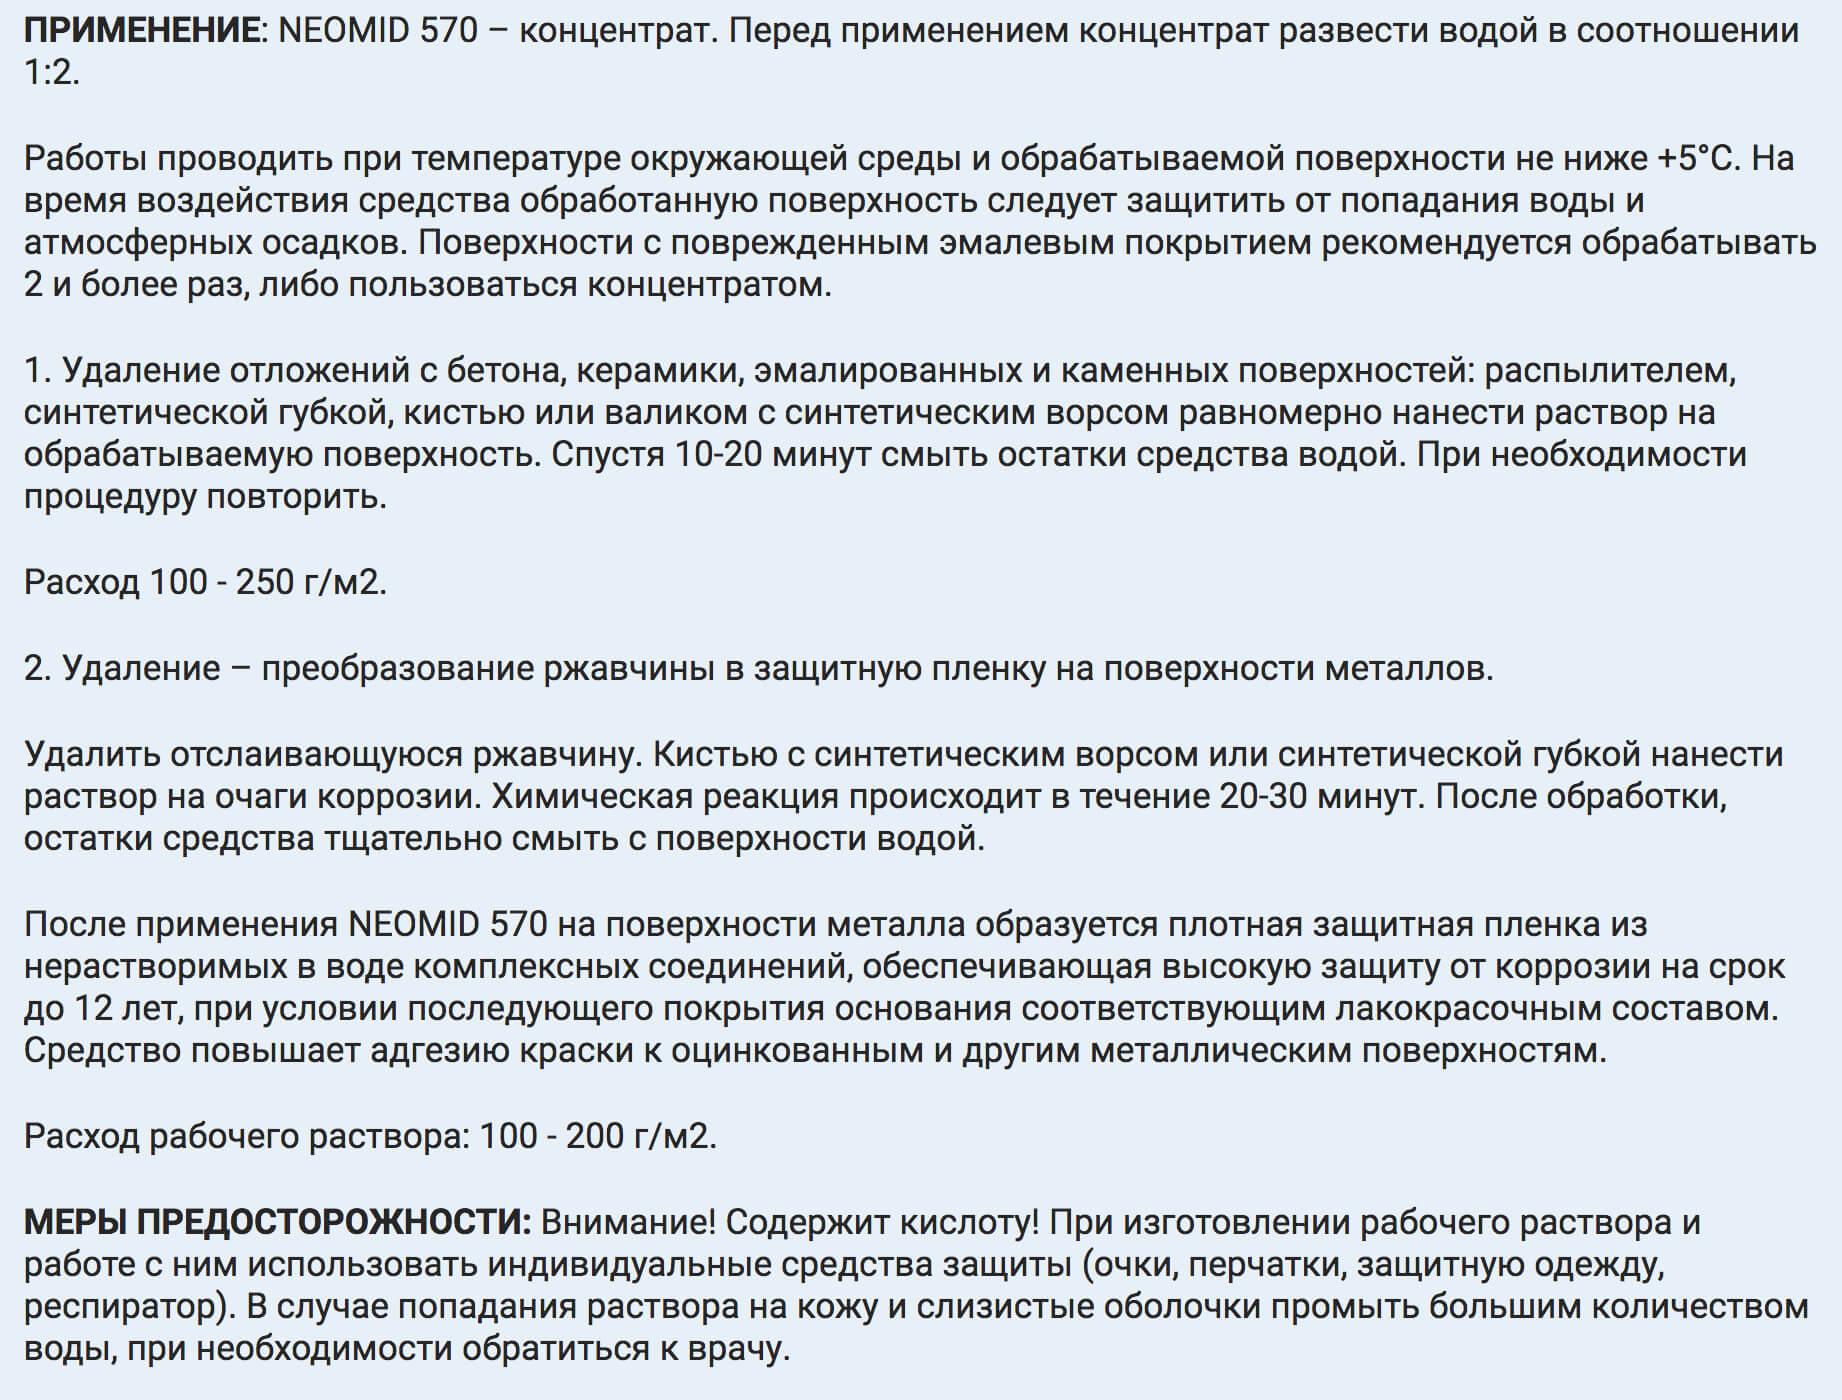 NEOMID 570 SOSTAV DLYa UDALENIYa RZhAVChINY KONTsENTRAT 1